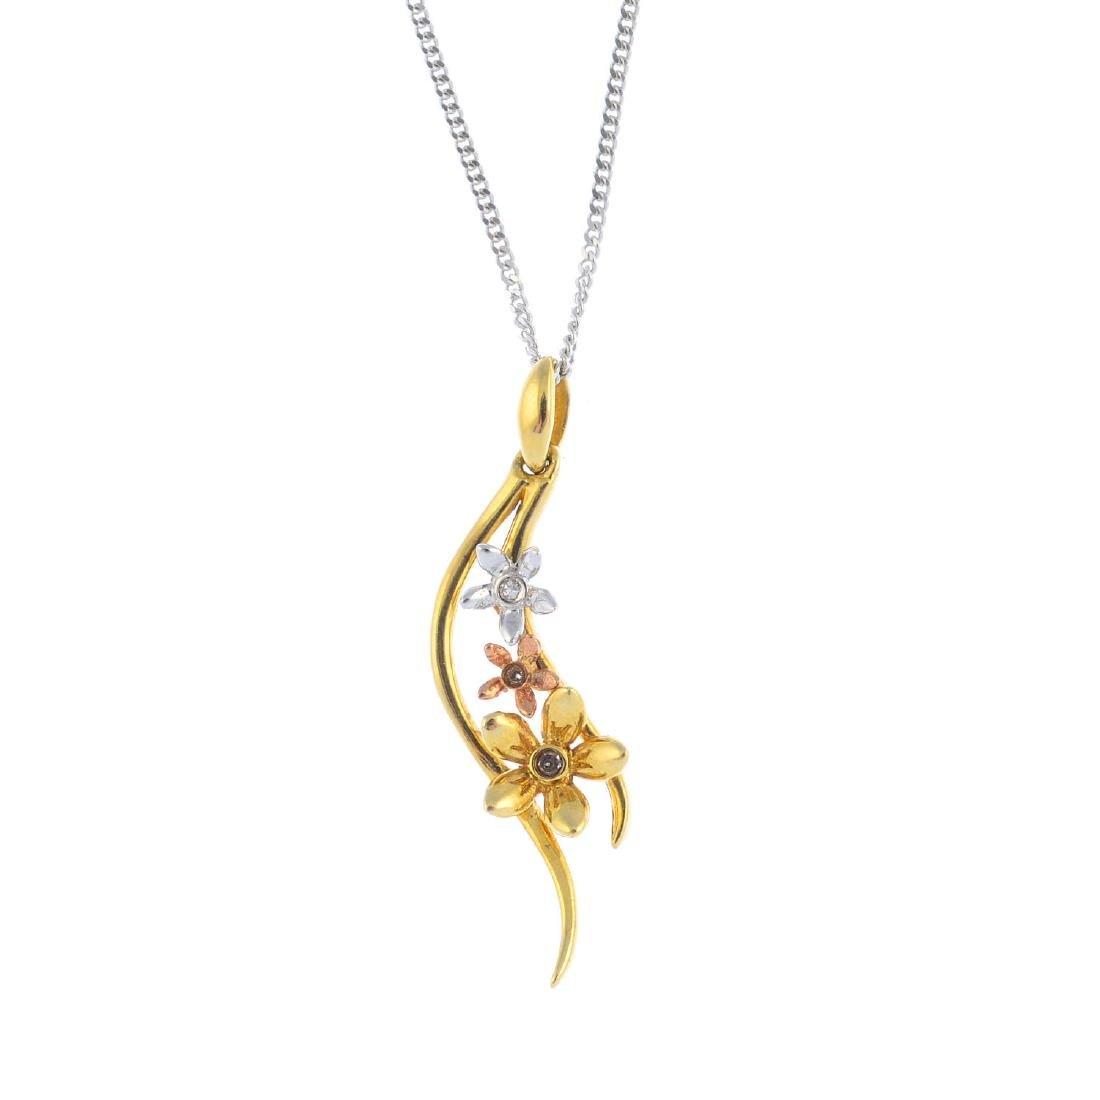 A 9ct gold diamond pendant. Of tri-colour design, the